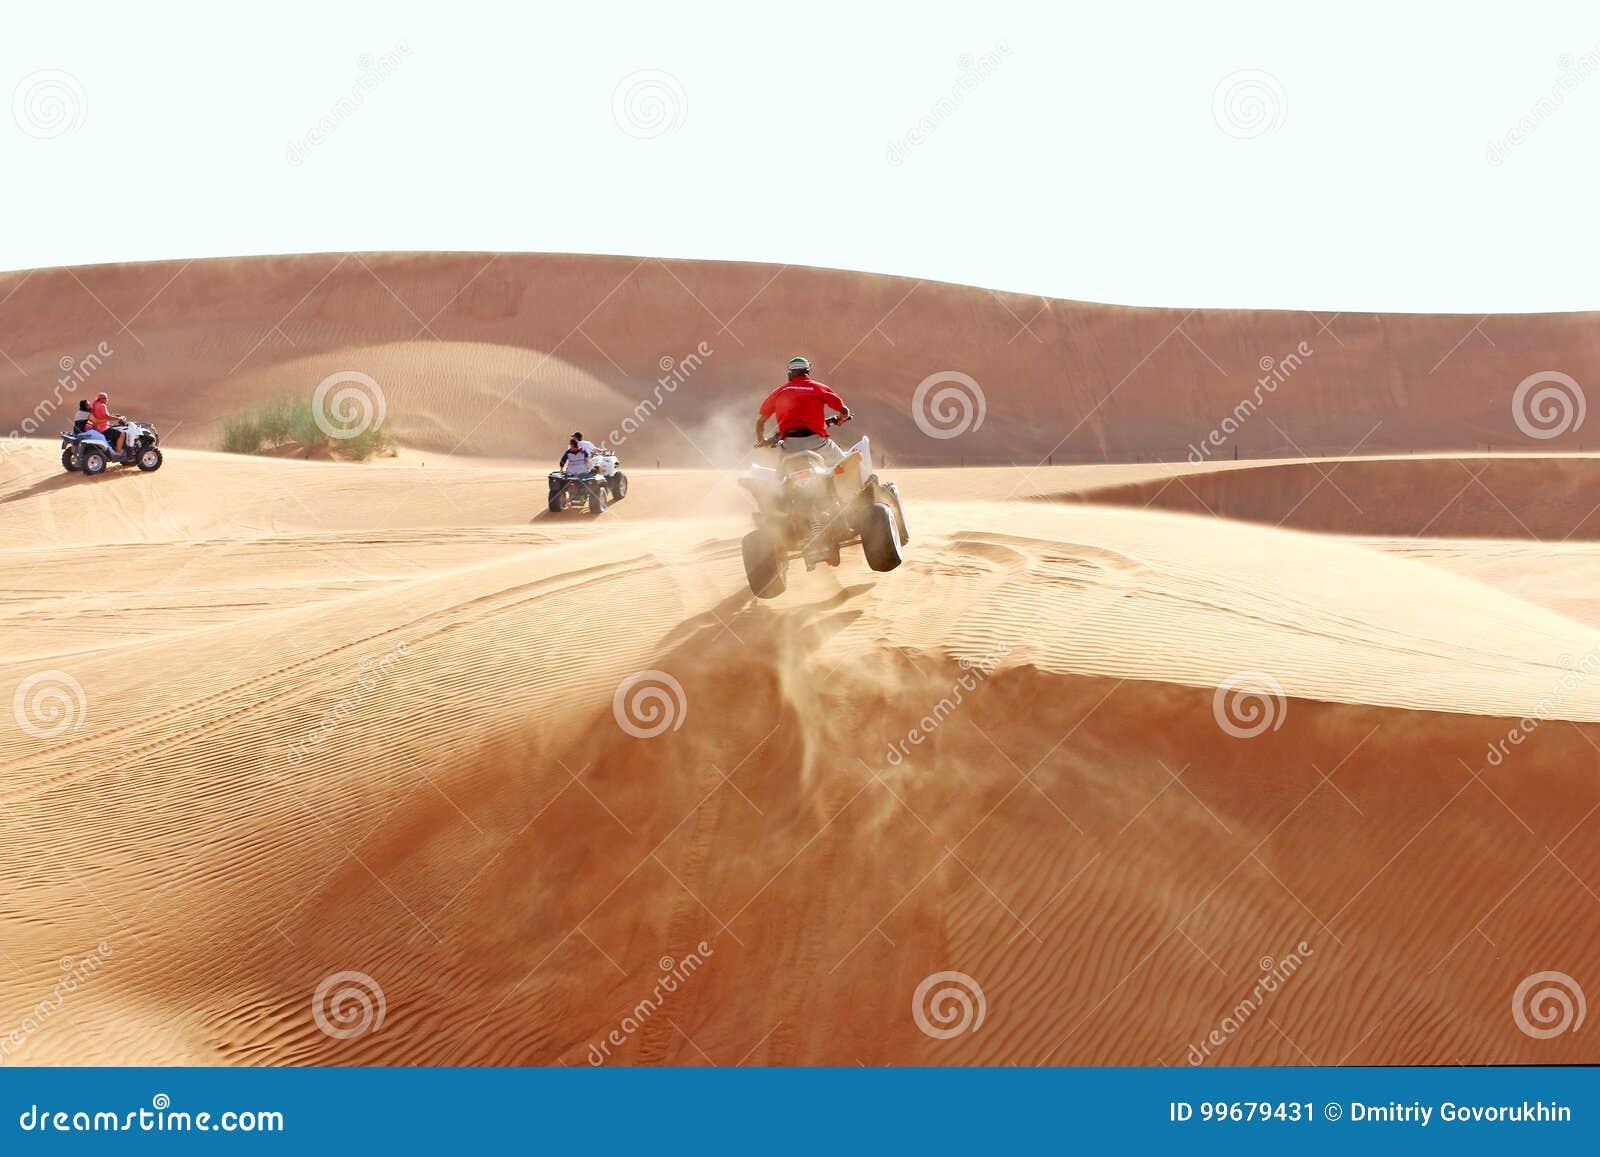 Salto de ATV en una duna de arena